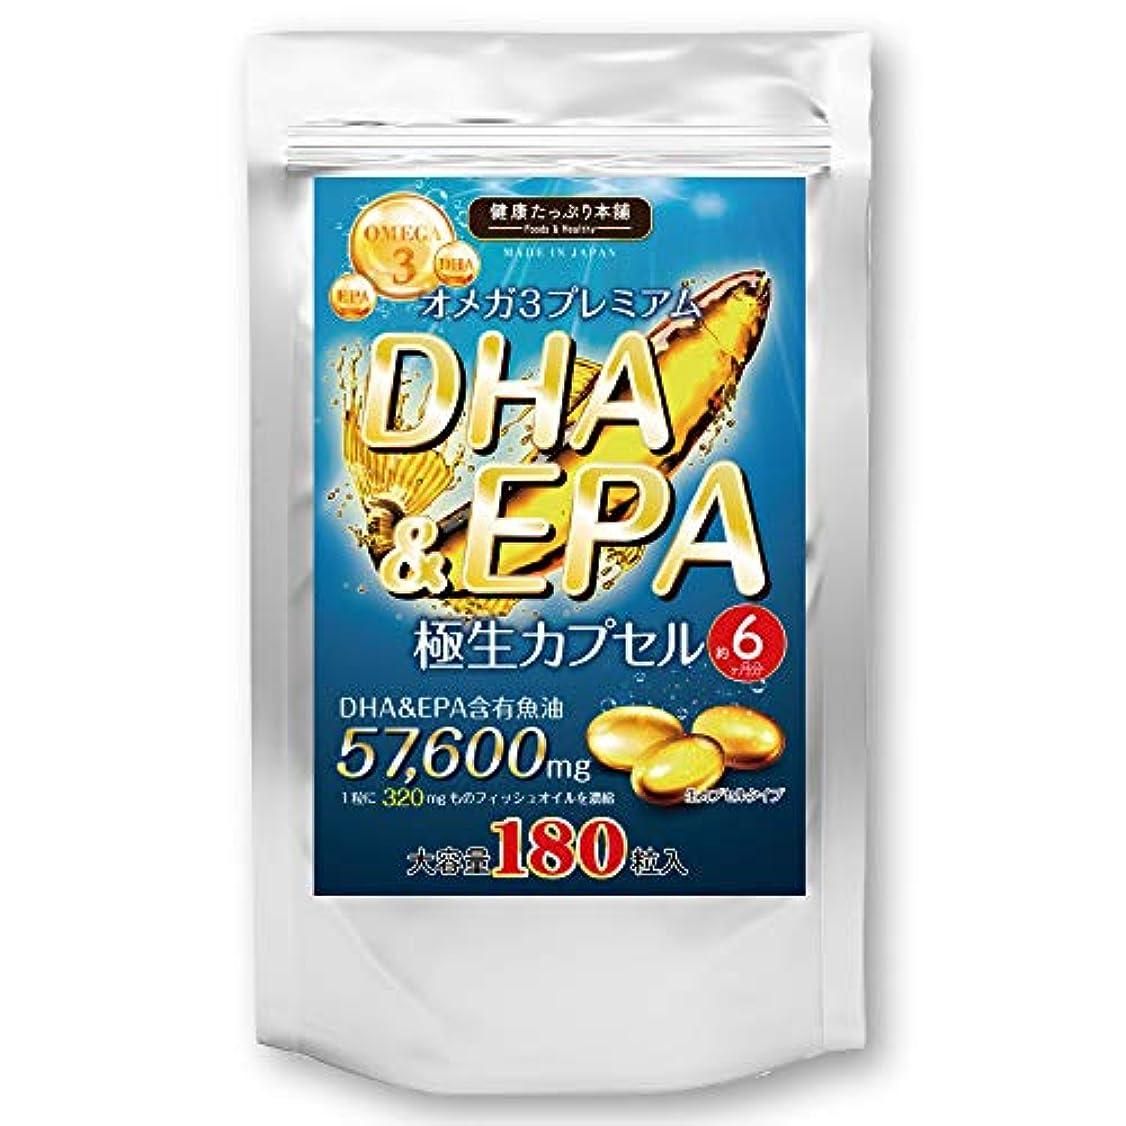 スラム街操作輝度オメガ3プレミアム DHA&EPA 極生ソフトカプセル 大容量約6ヶ月分/180粒(DHA含有魚油?EPA含有魚油)